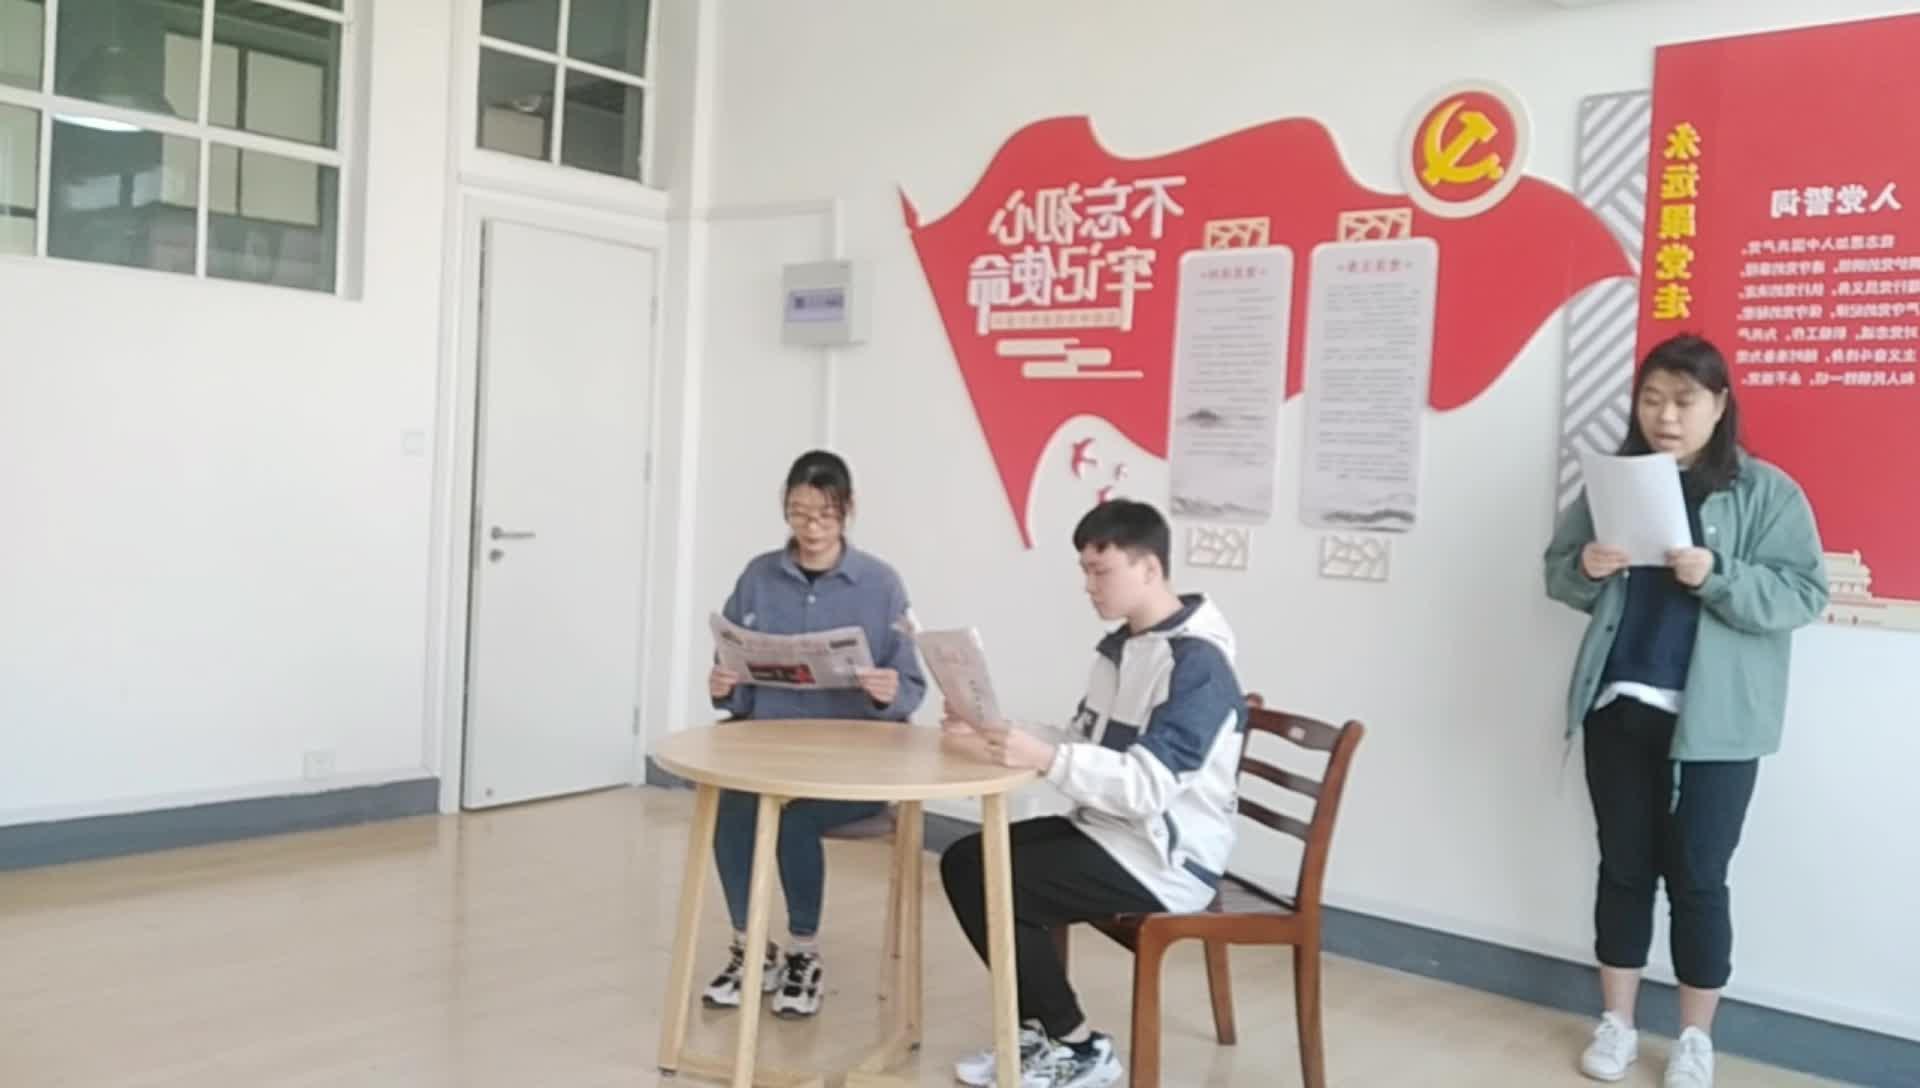 141 淮阴工学院 英语专业 秦振玲、孙晓晗、李文辉、冯心羽